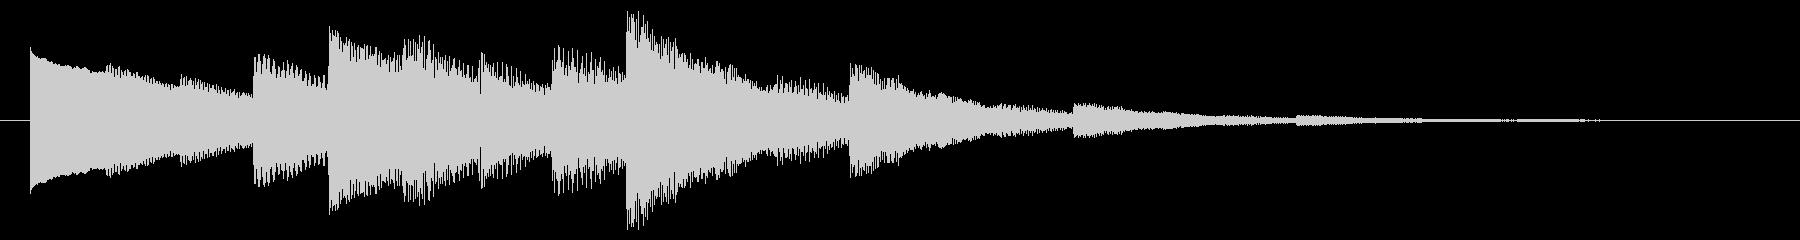 ベルの静かな場面転回音1の未再生の波形